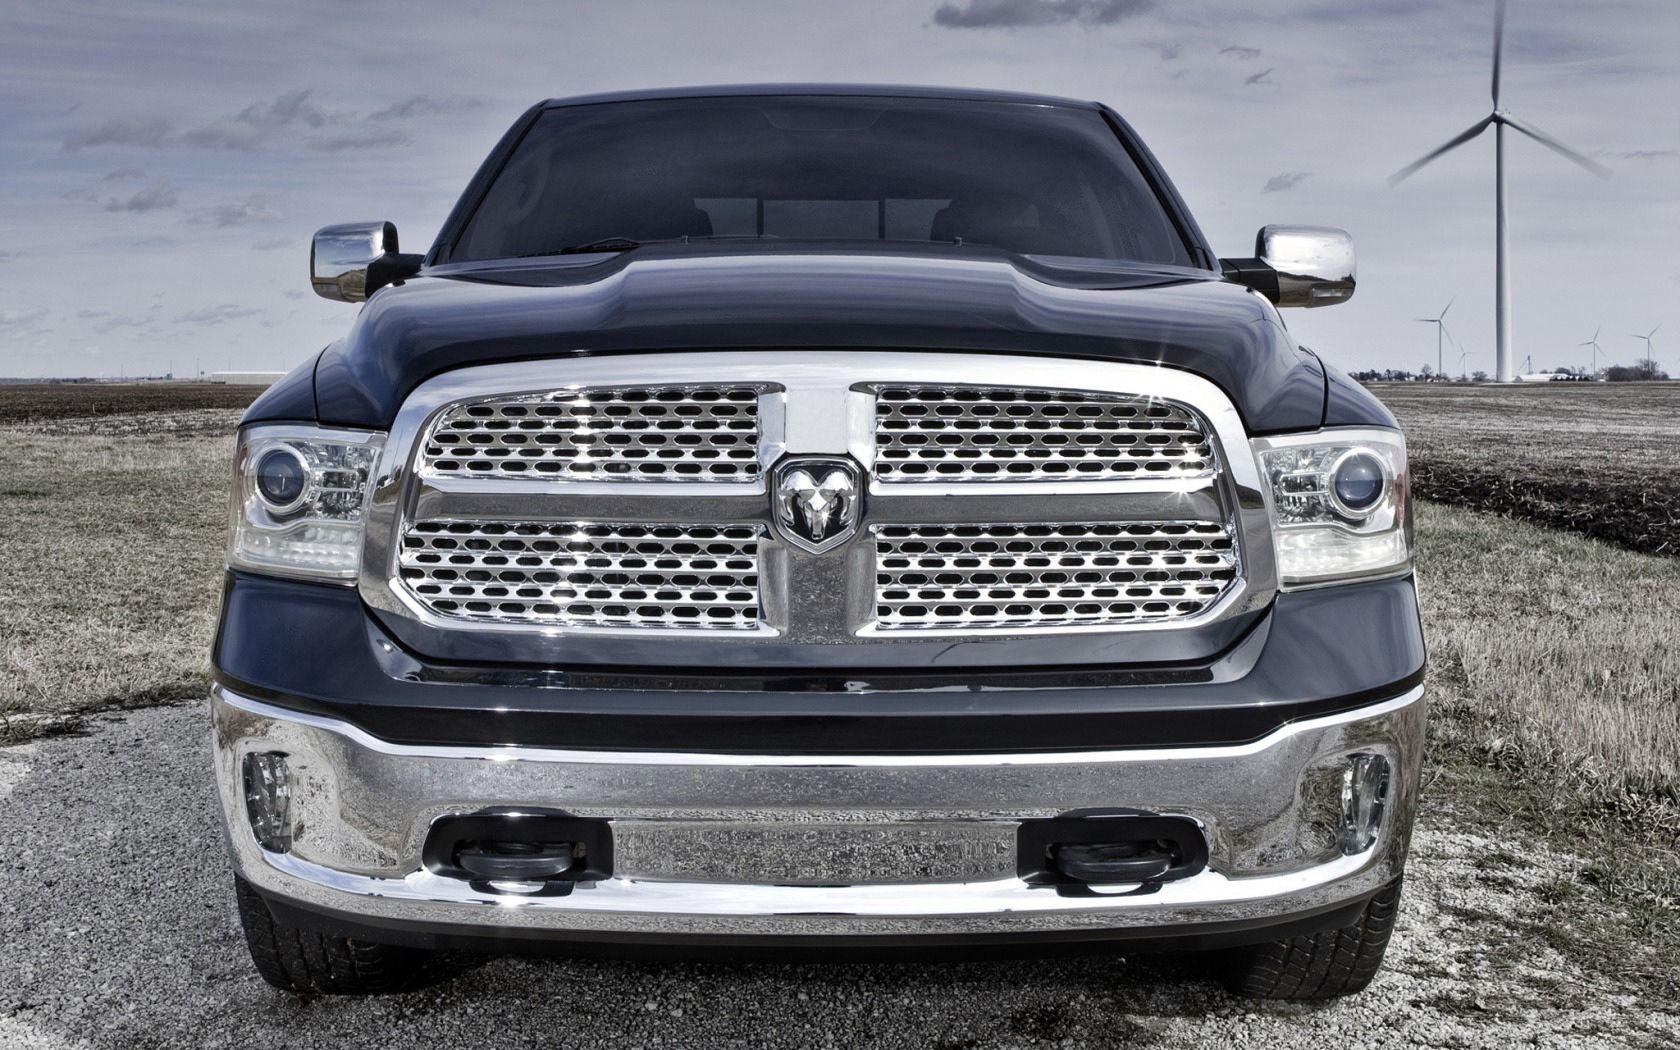 153753 скачать обои Внедорожник, Тачки (Cars), 2012, Пикап, Dodge Ram, 1500, Laramie Crew Cab - заставки и картинки бесплатно